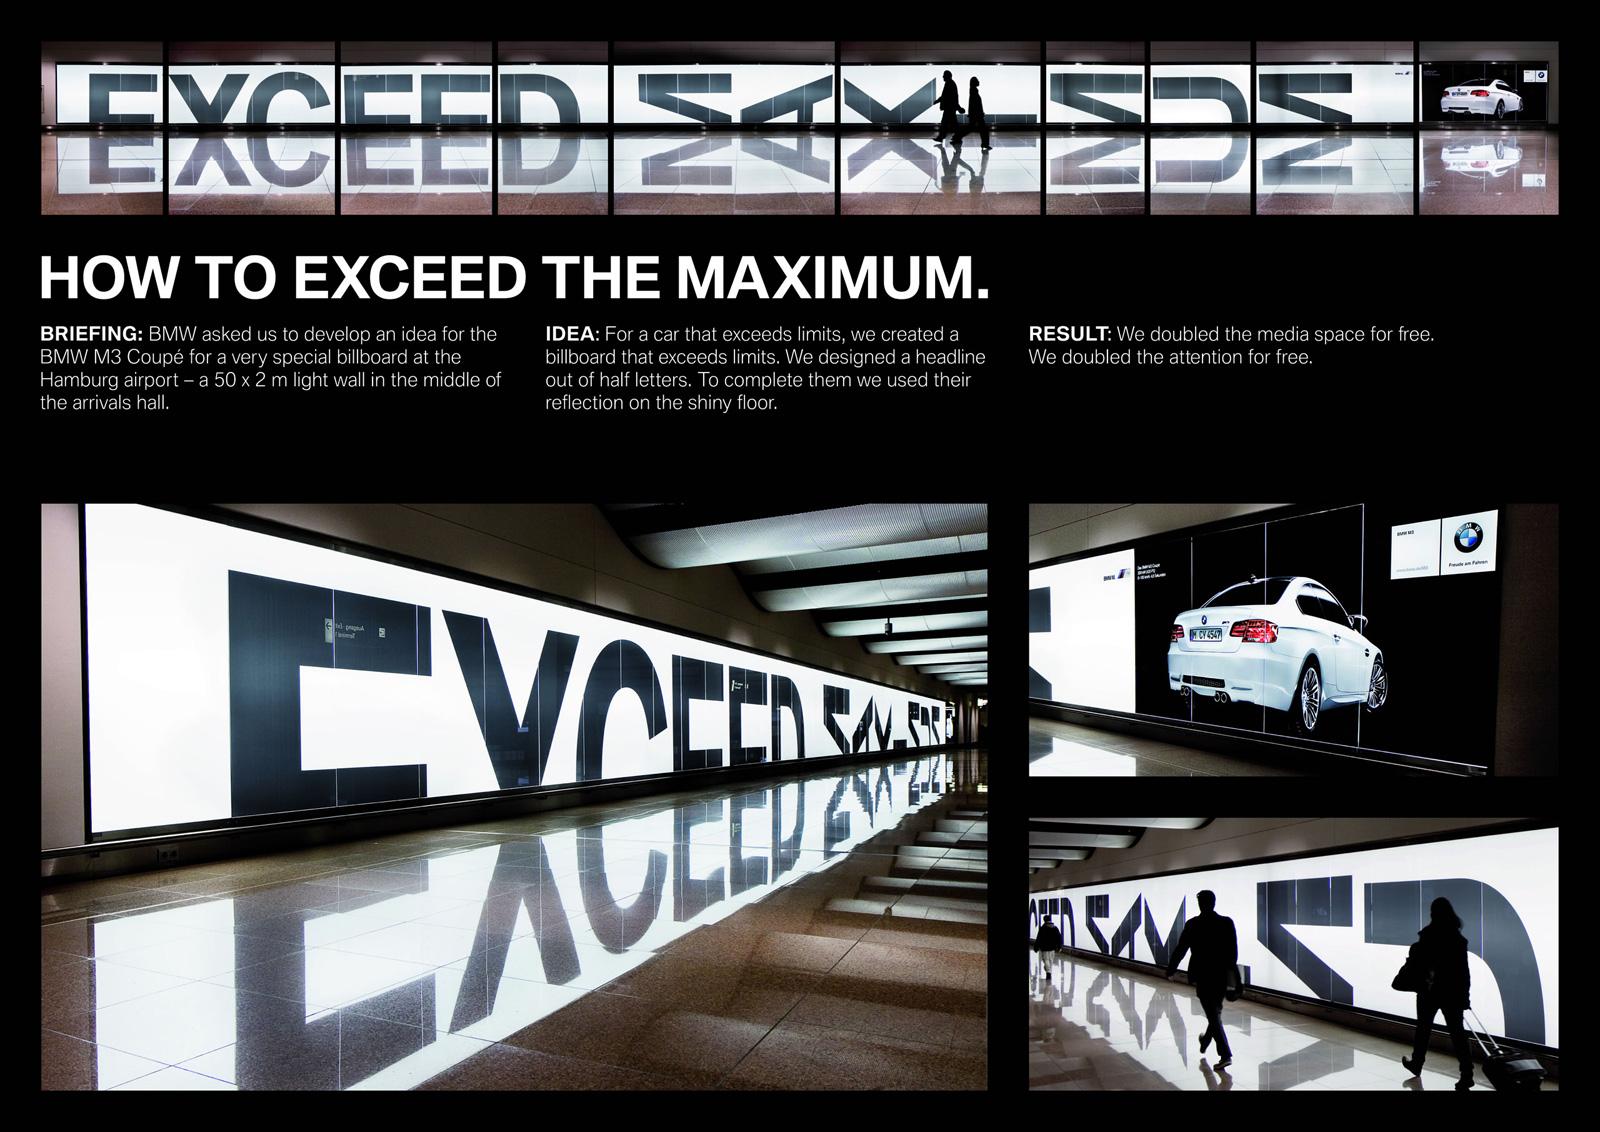 bmw m3 coupe the bmw light wall reflection Как сэкономить на рекламных площадях